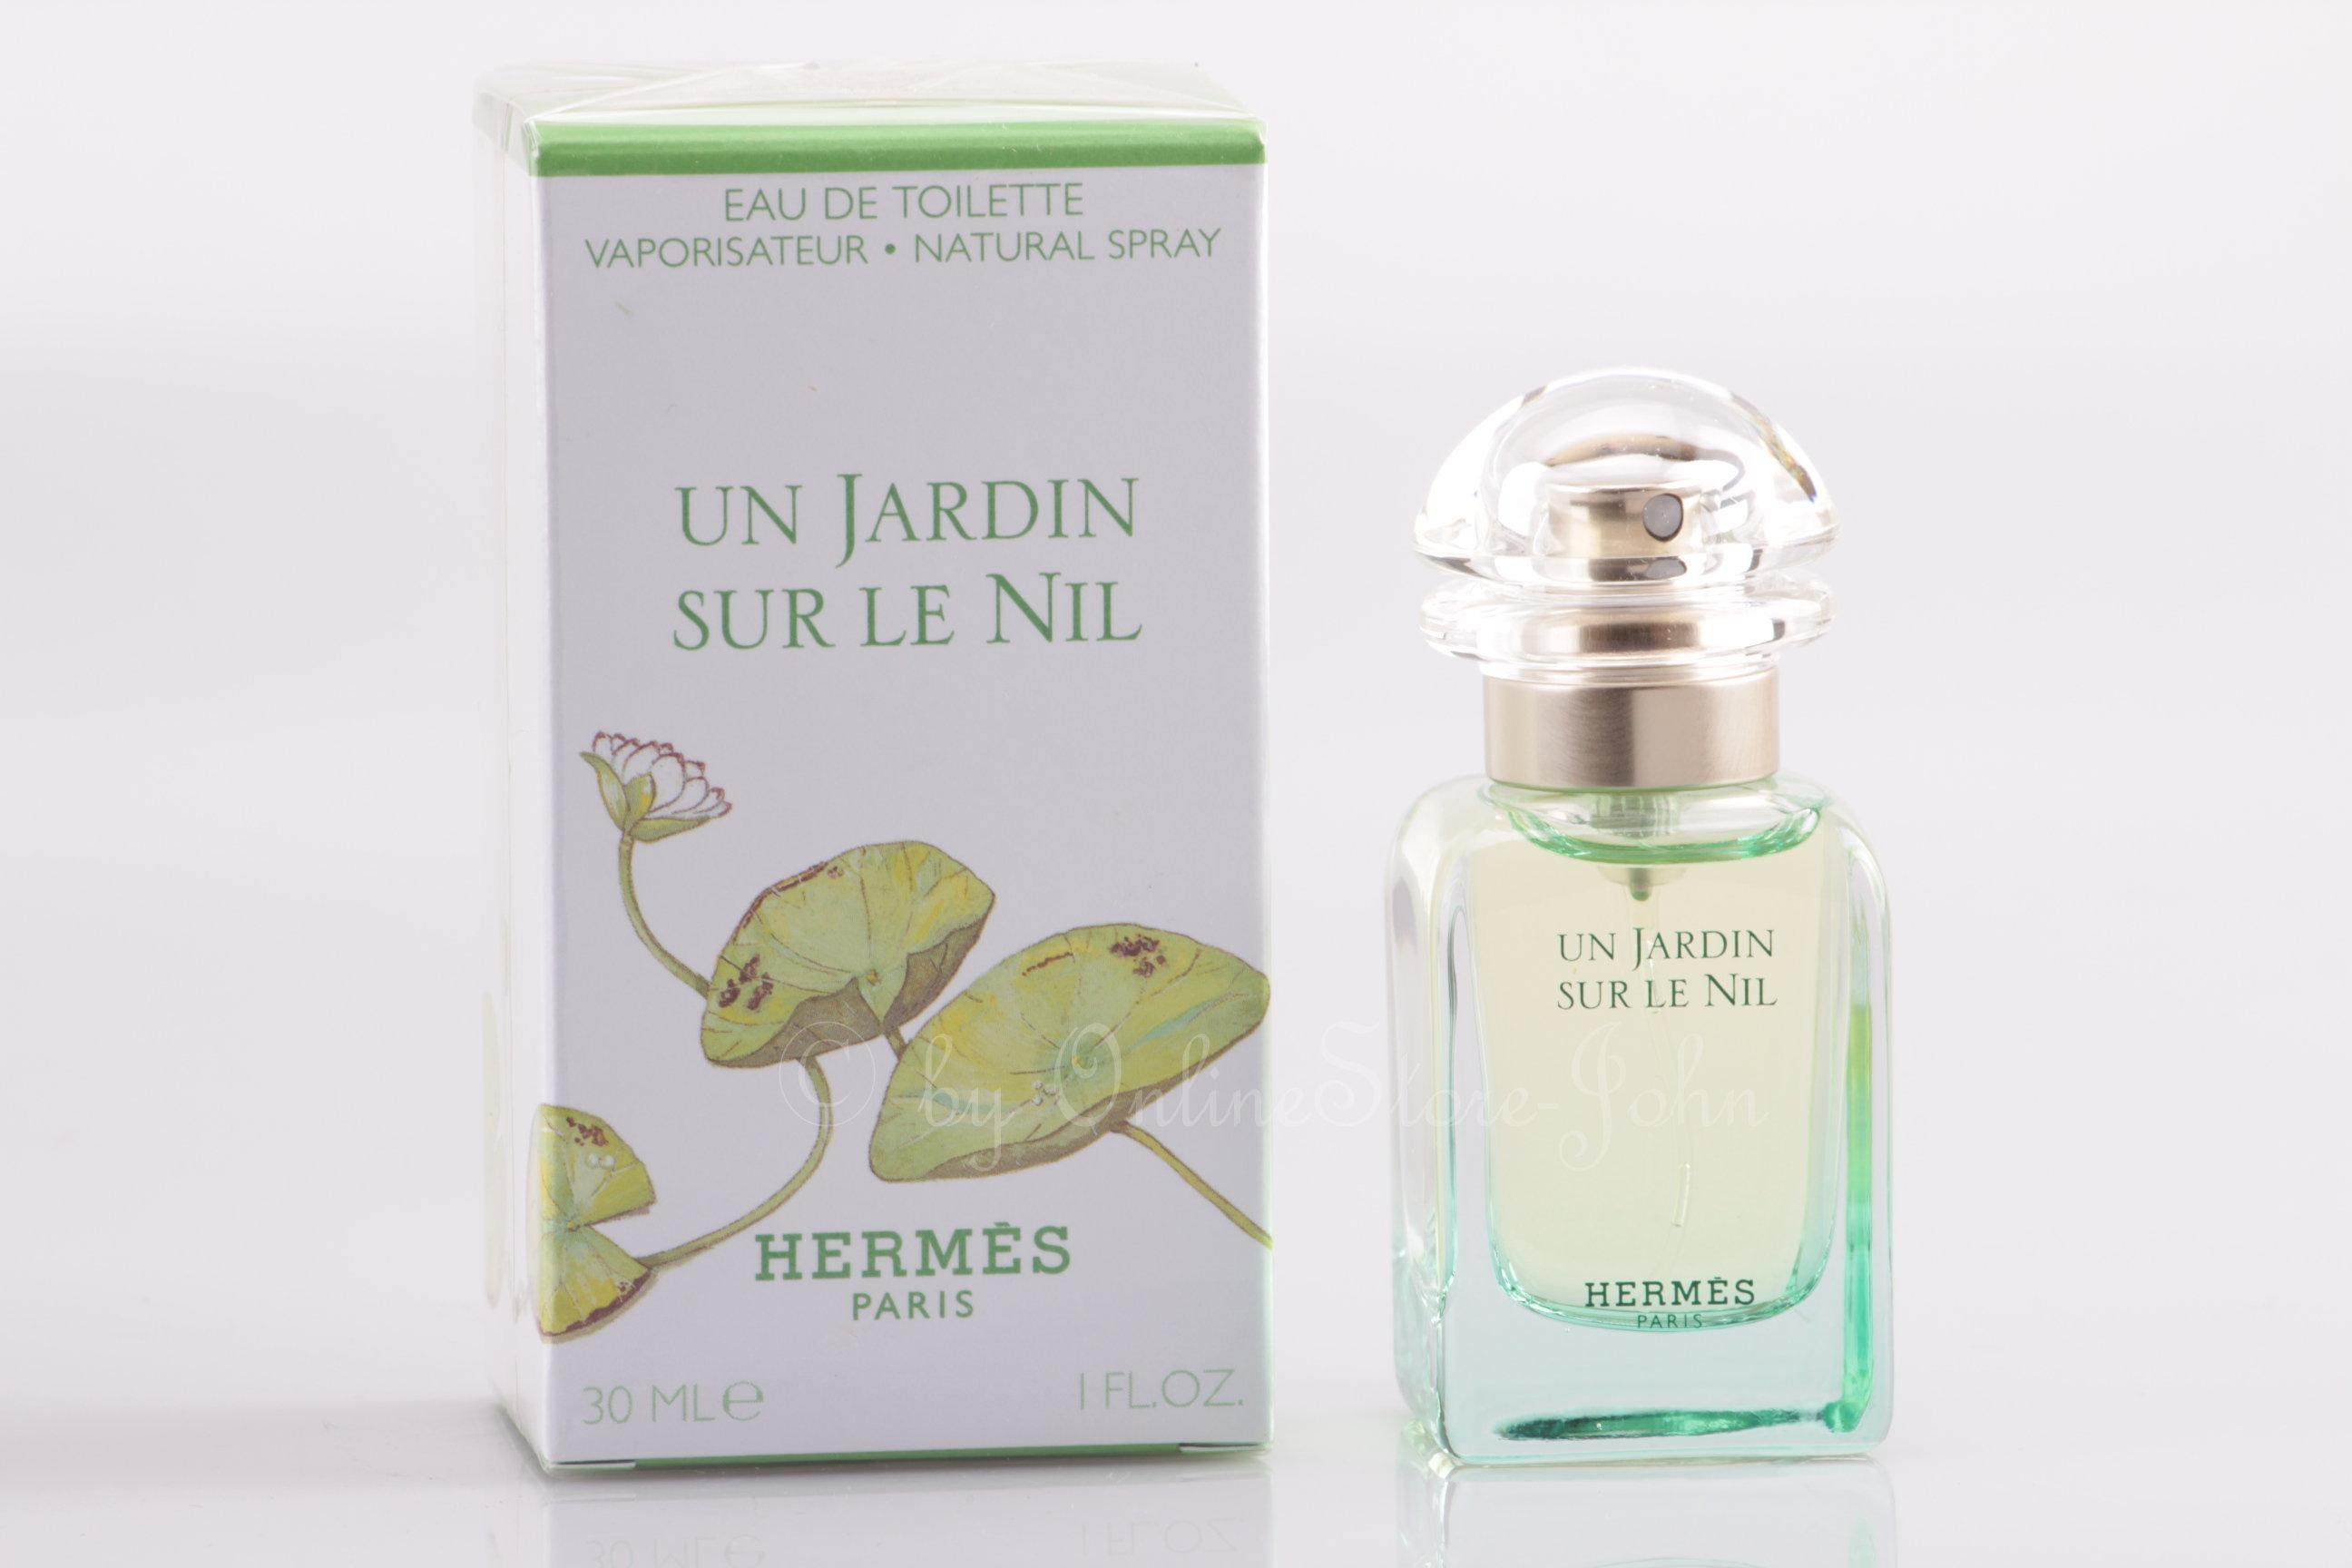 Hermes un jardin sur le nil 30ml edt eau de toilette - Hermes jardin sur le nil ...